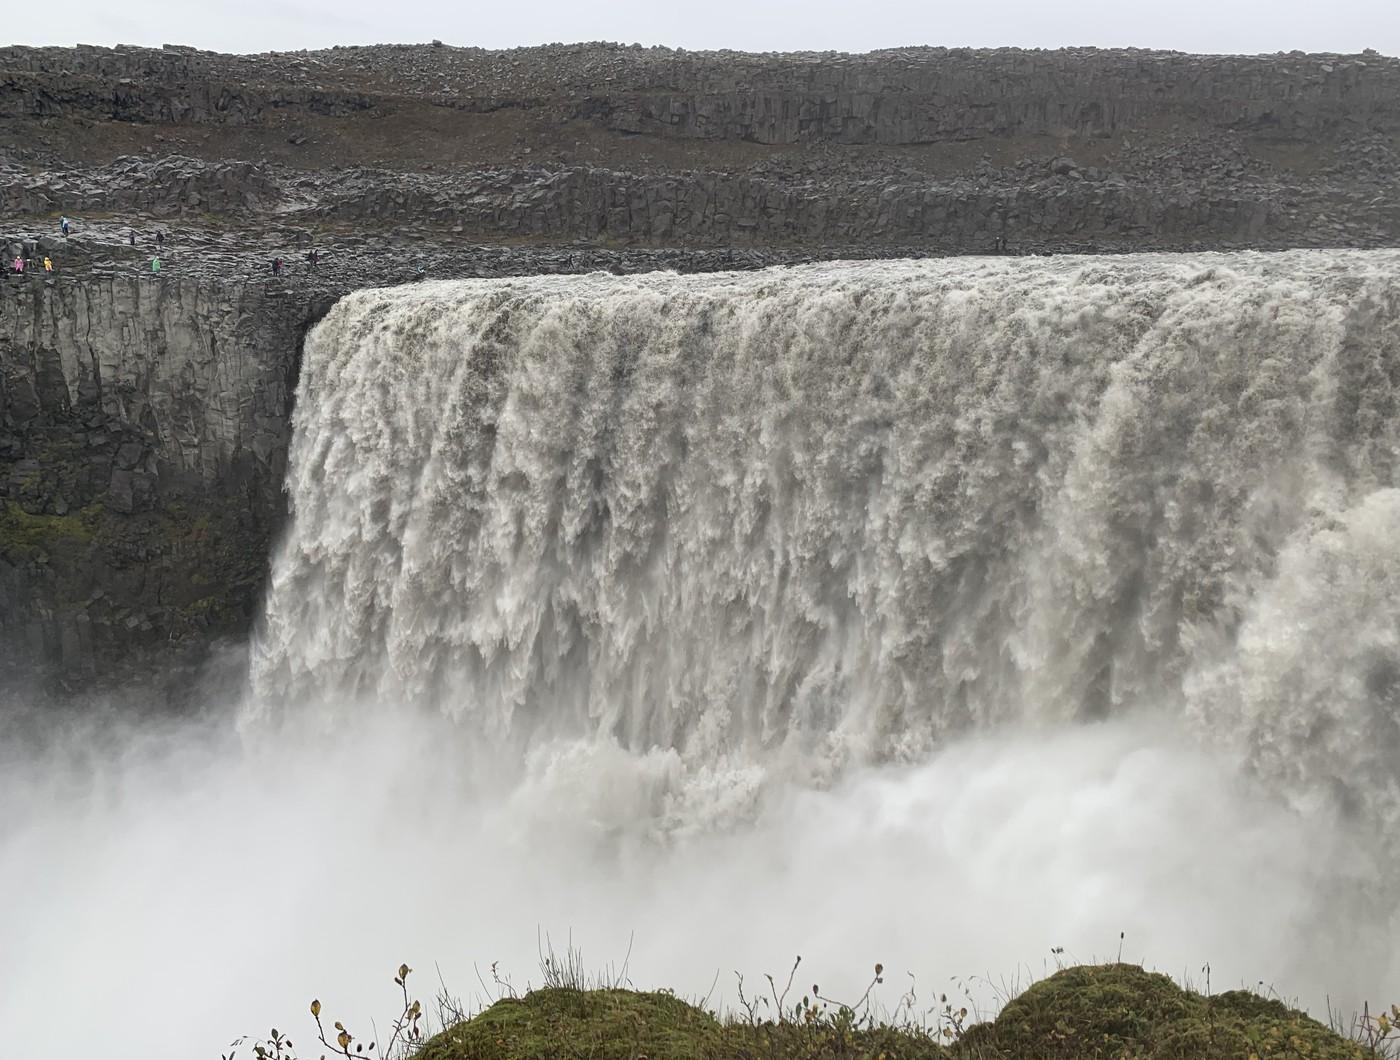 Вроде как самый мощный водопад в Исландии